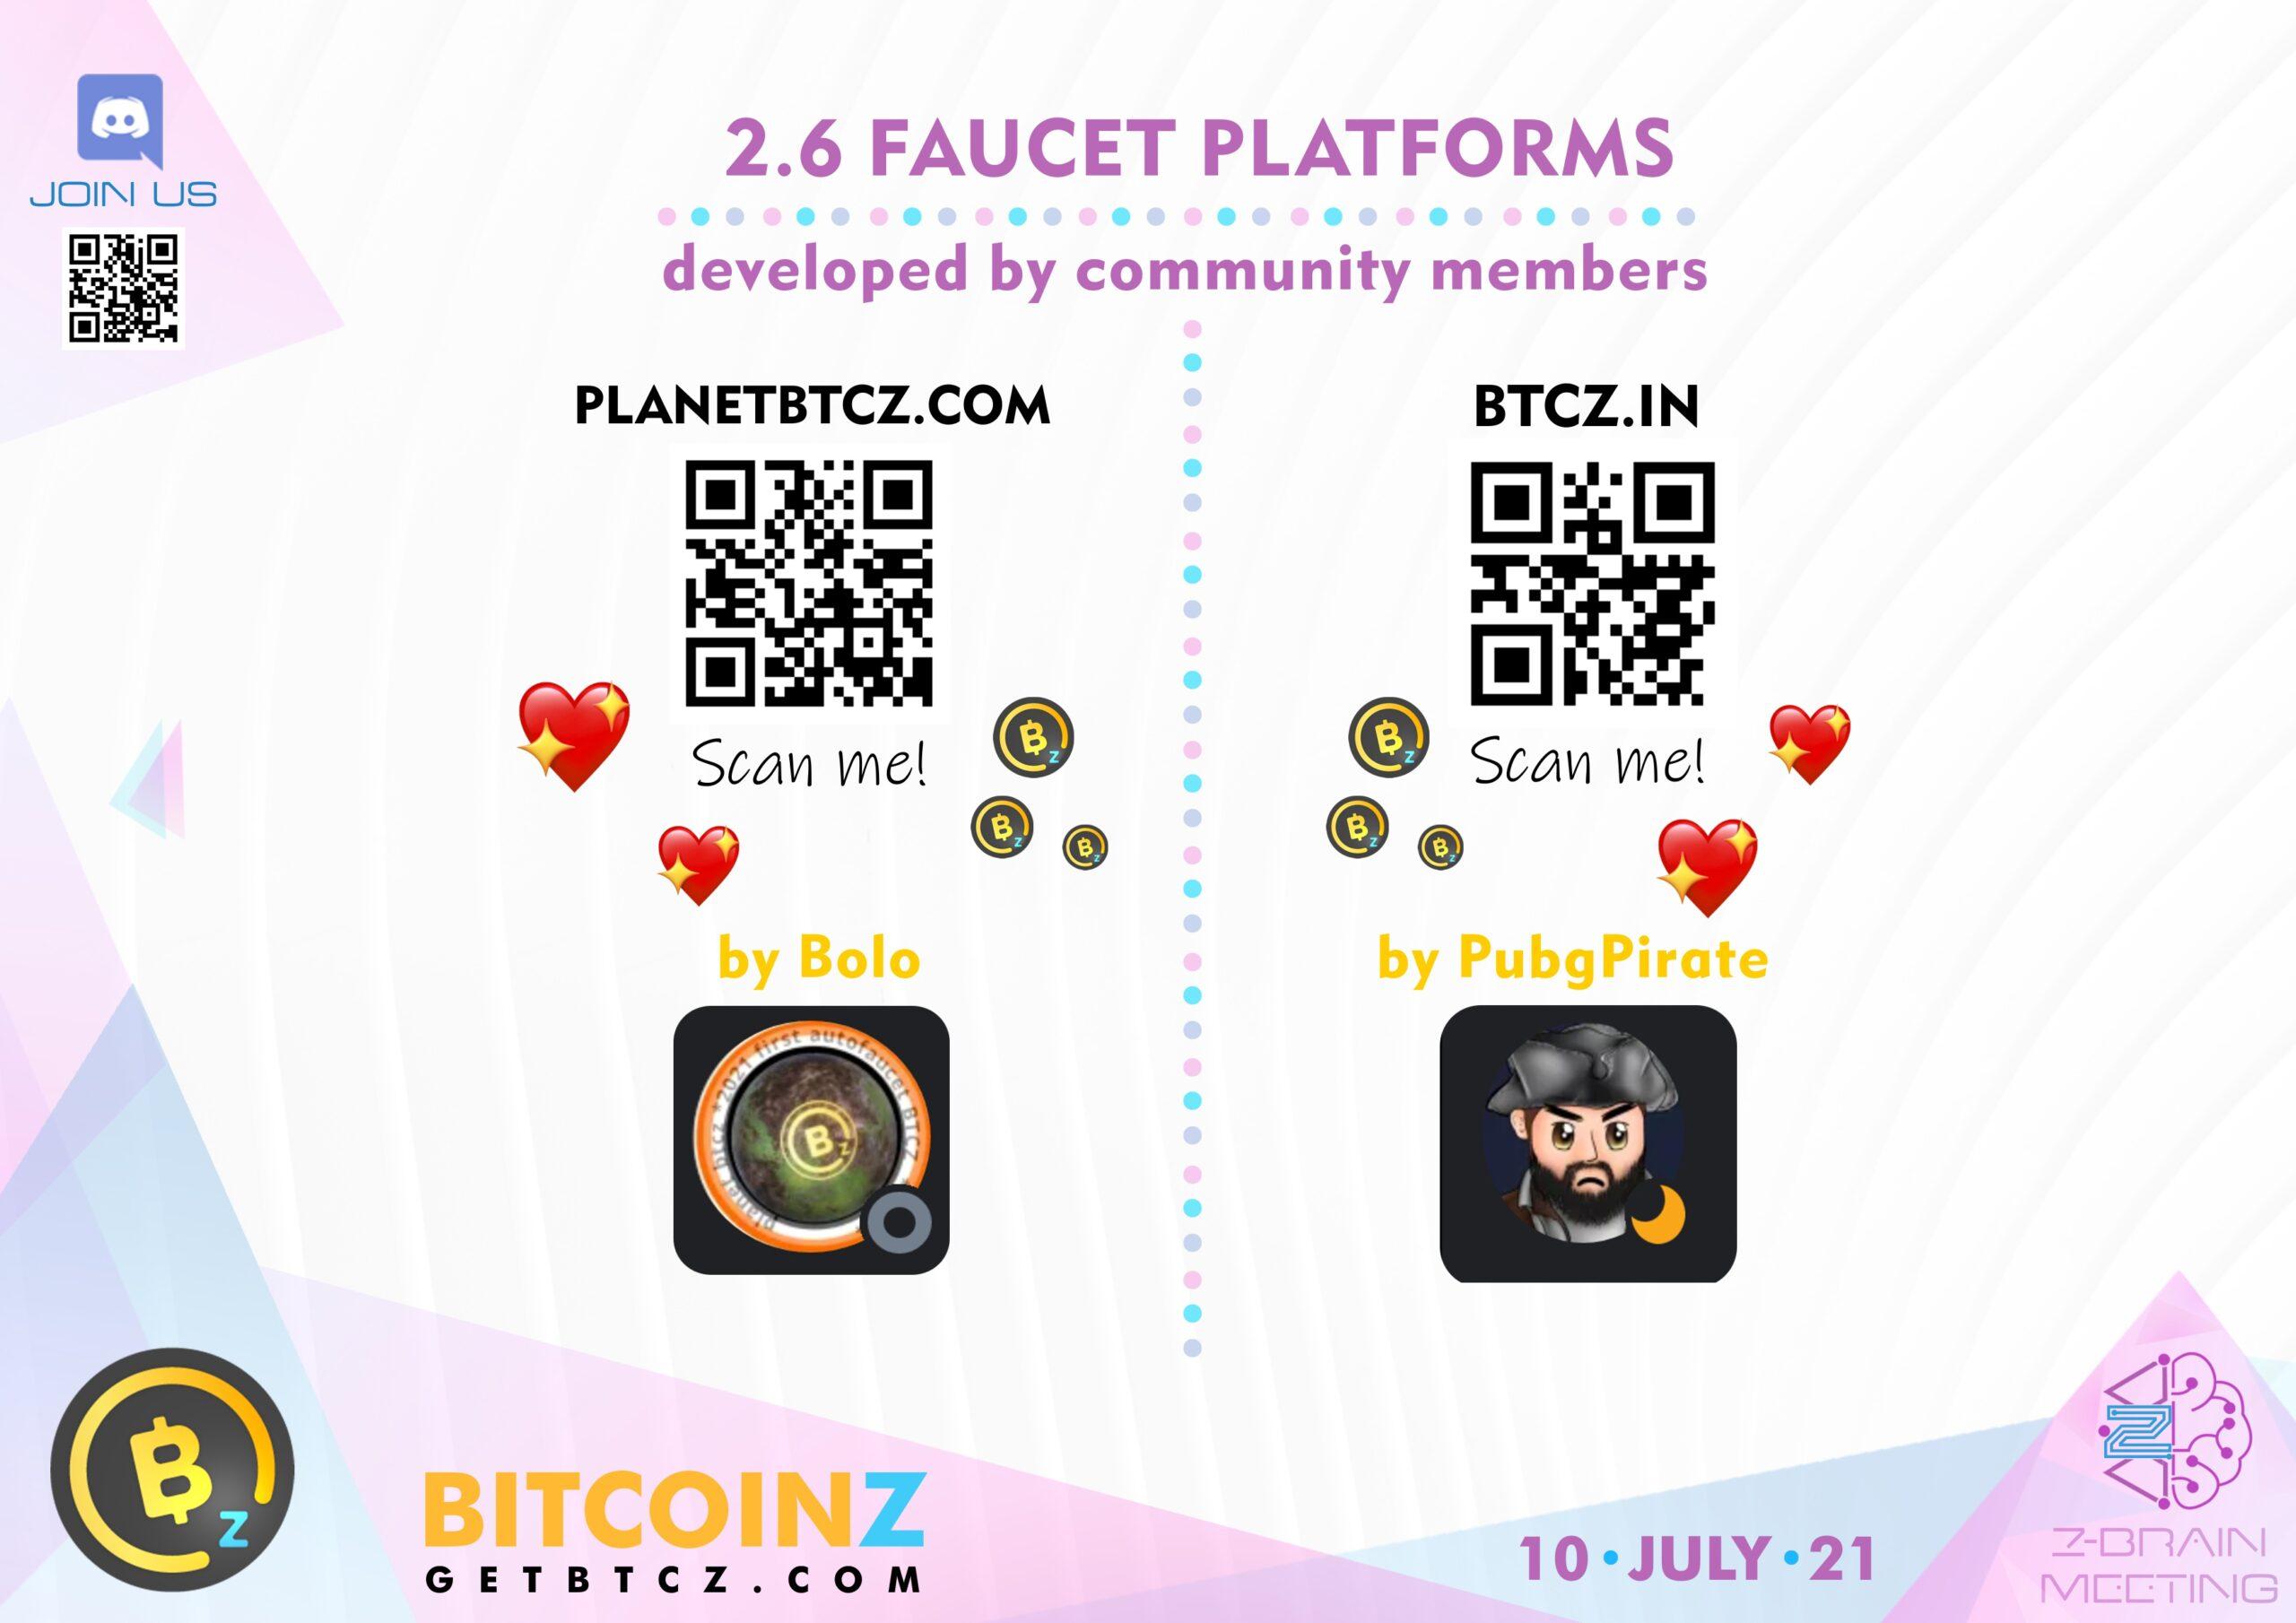 BITCOINZ faucet platforms